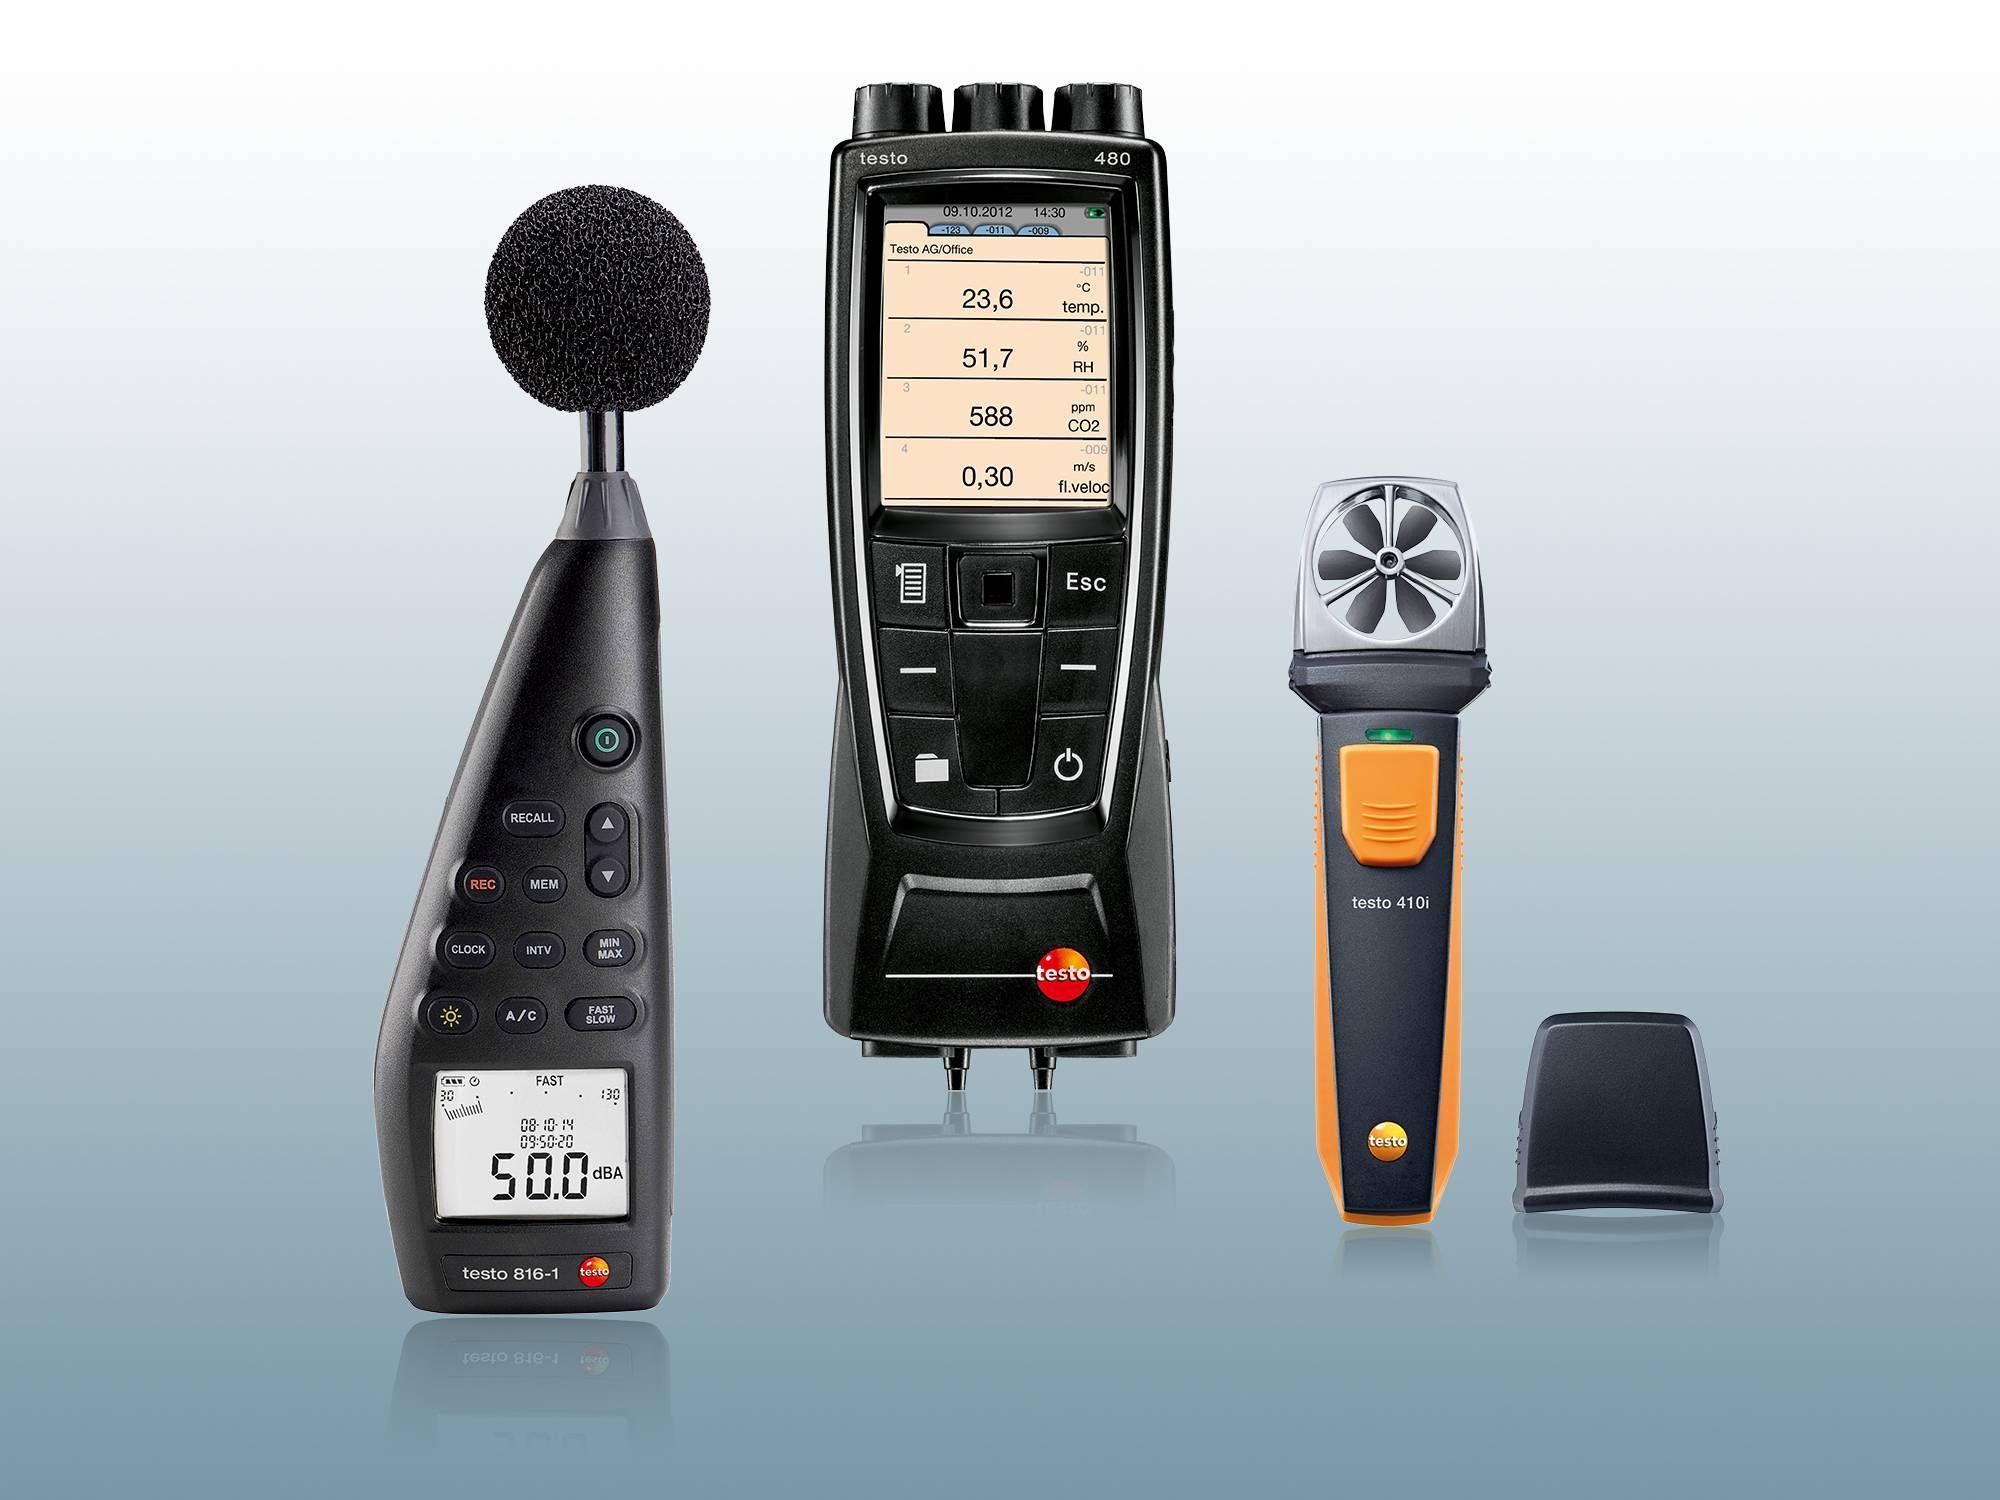 Приборы для измерения объемного расхода